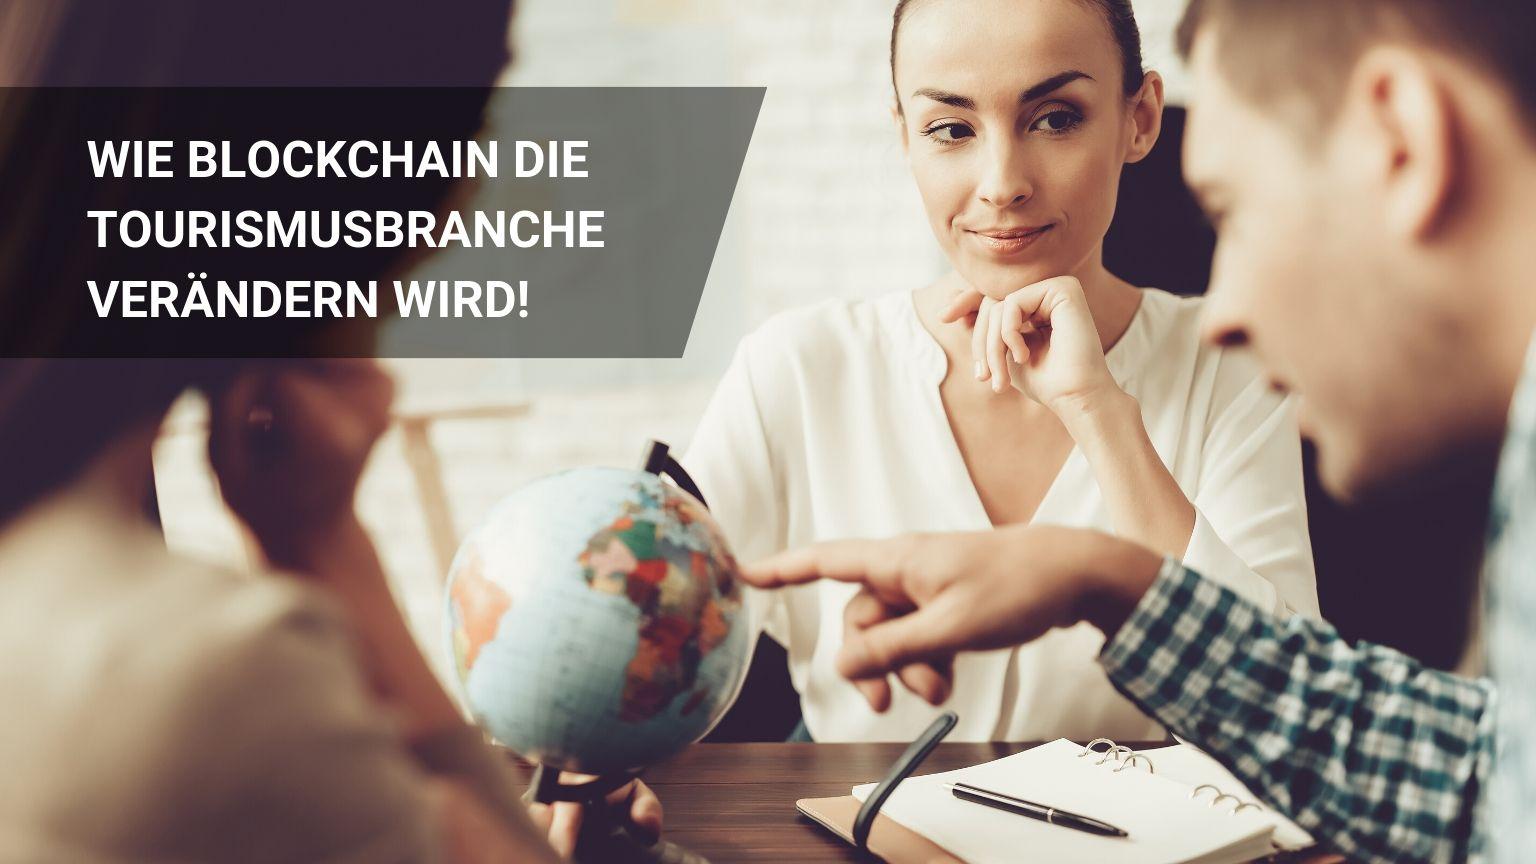 Die 3 Besten Blockchain Tourismus Use Cases!